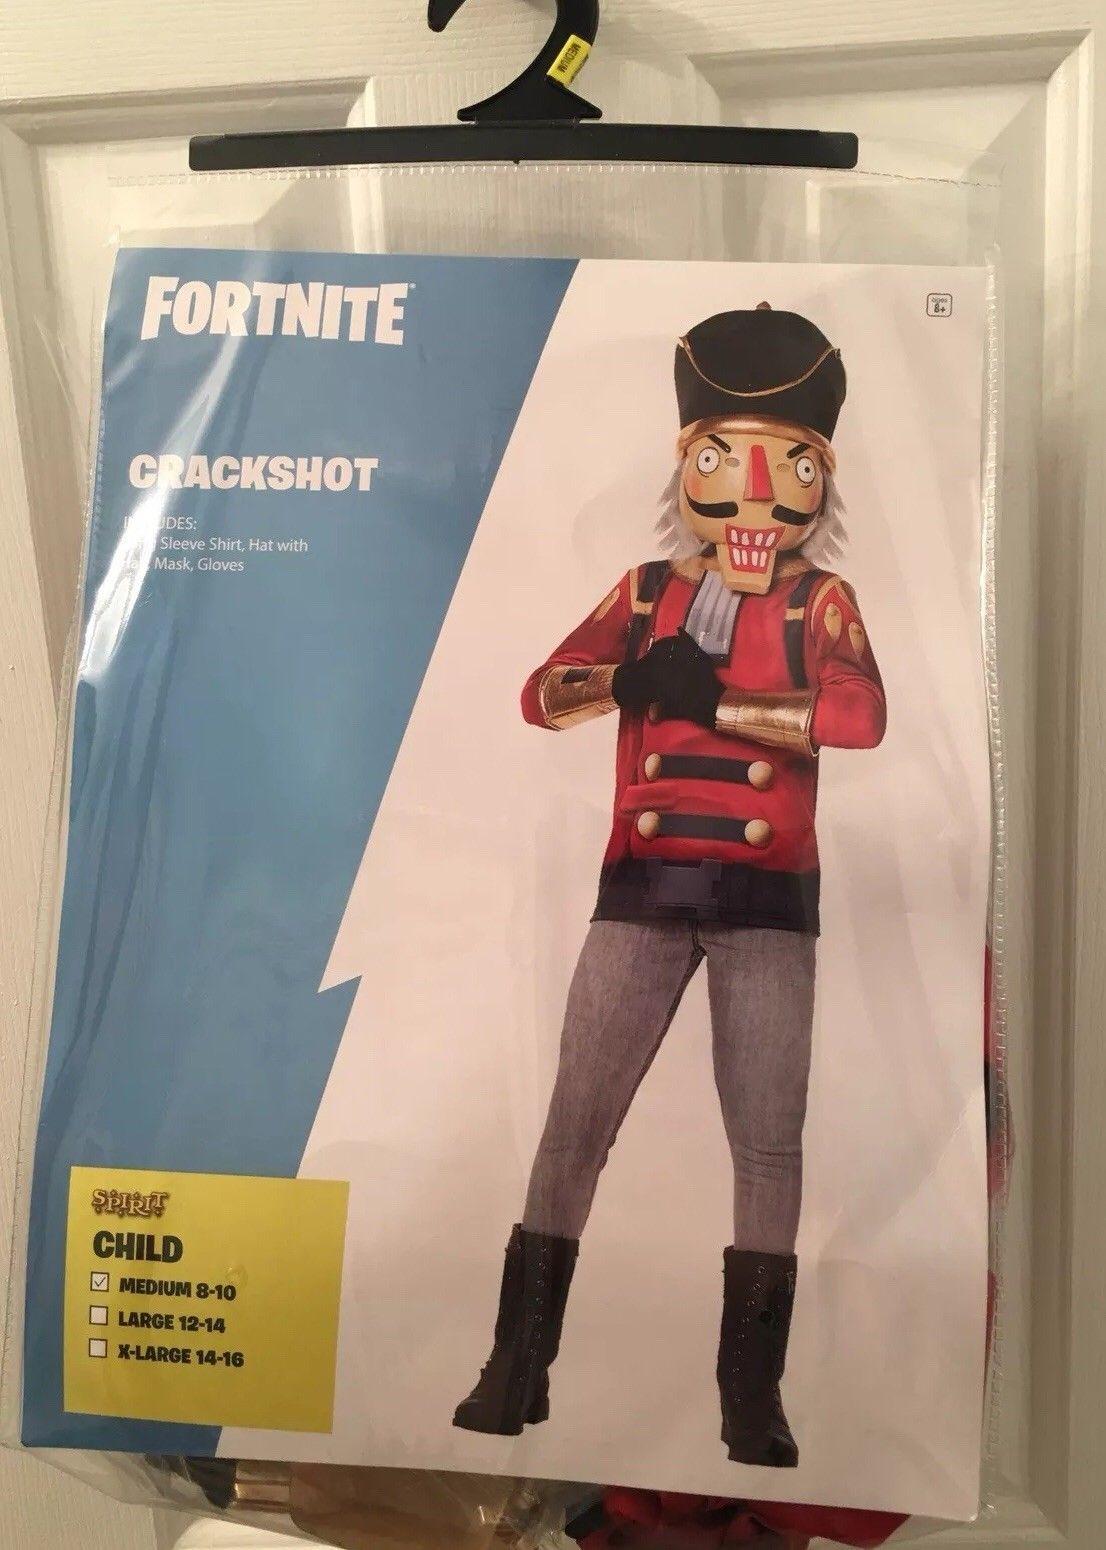 Spirit Halloween Fortnite Costumes For Kids.99 00 Fortnite Crackshot Spirit Halloween Costume Kids